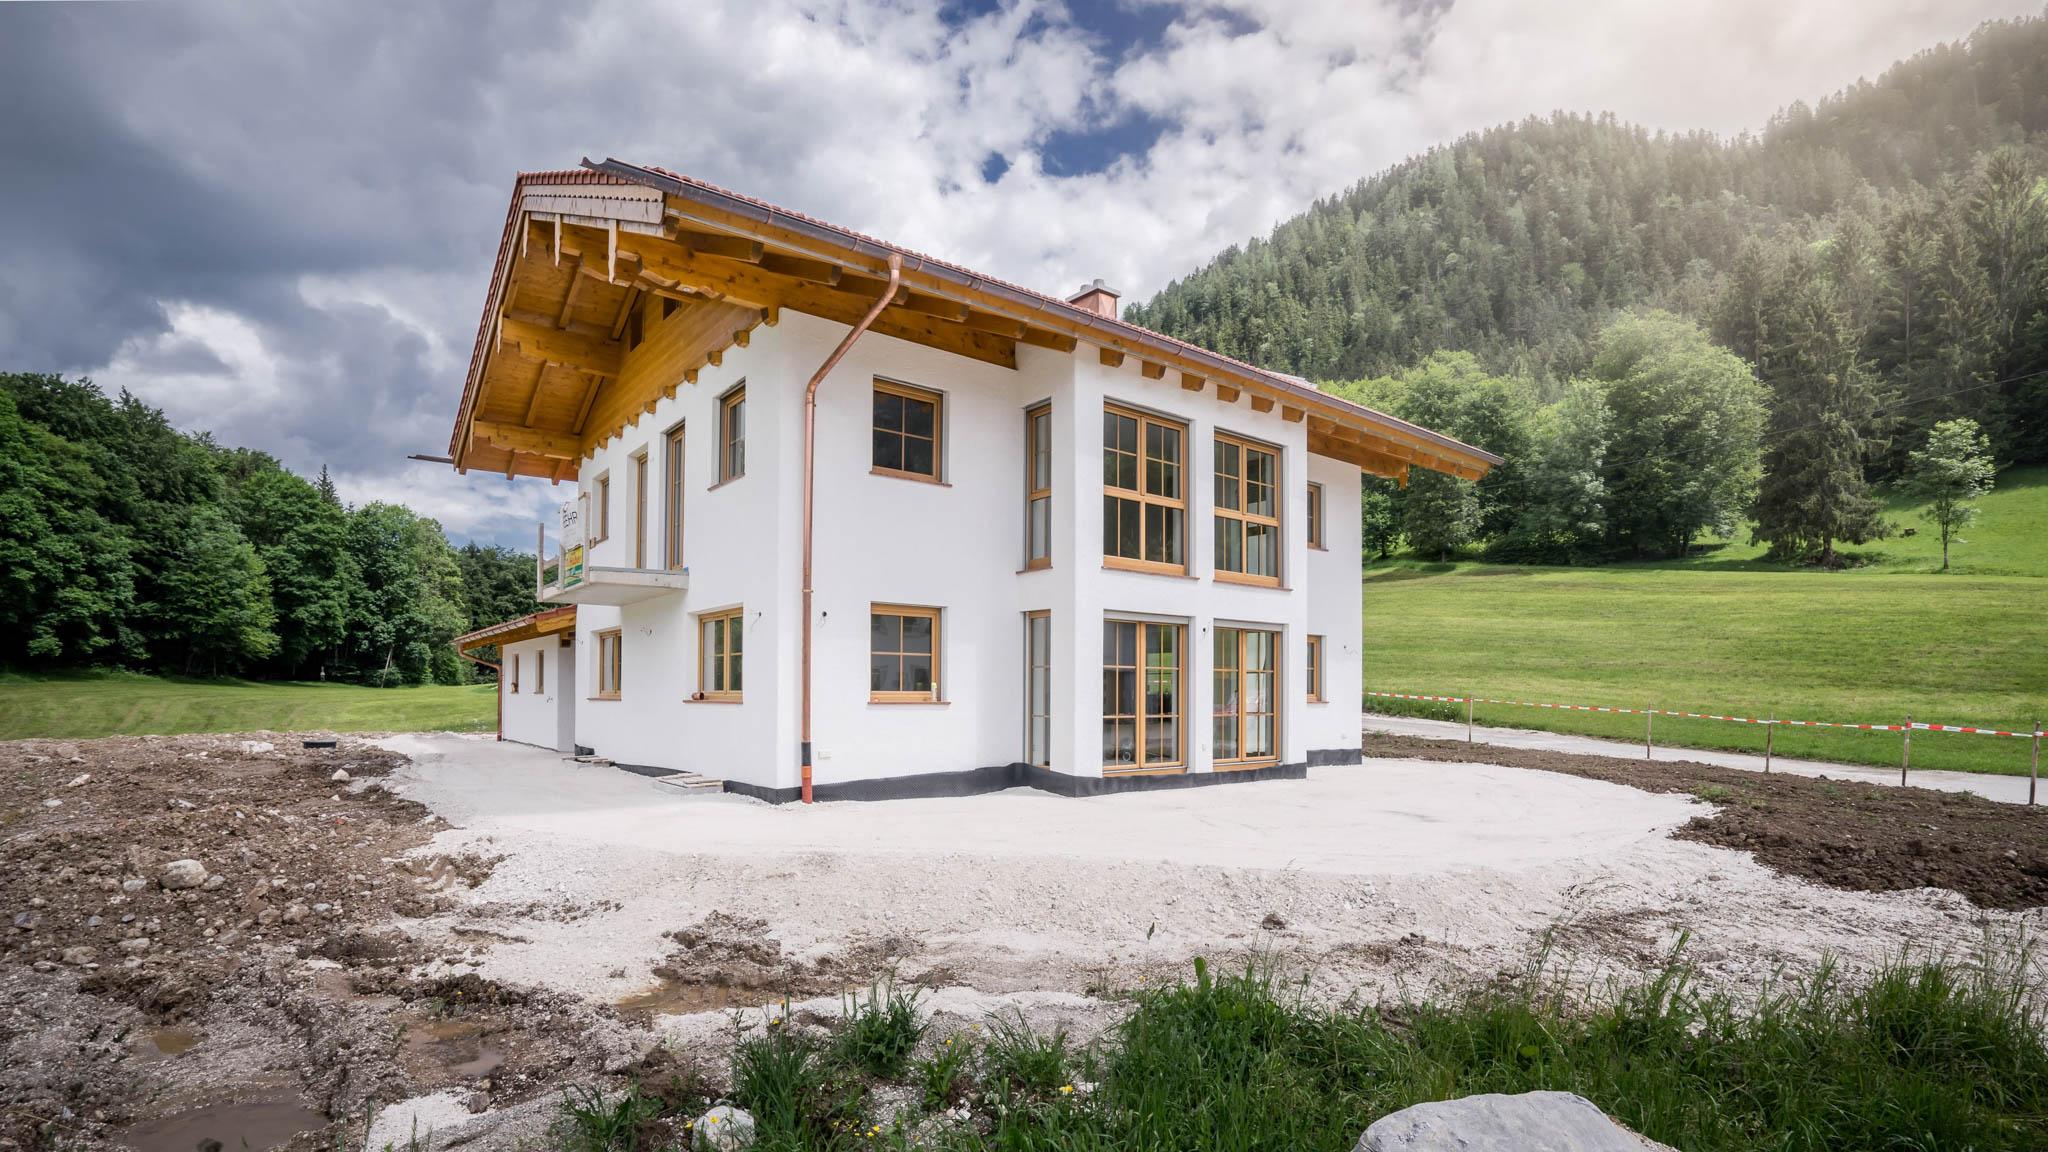 portfolio-bauunternehmen-fuch-einfamilienhaus-schönau-am-königssee-8.jpg